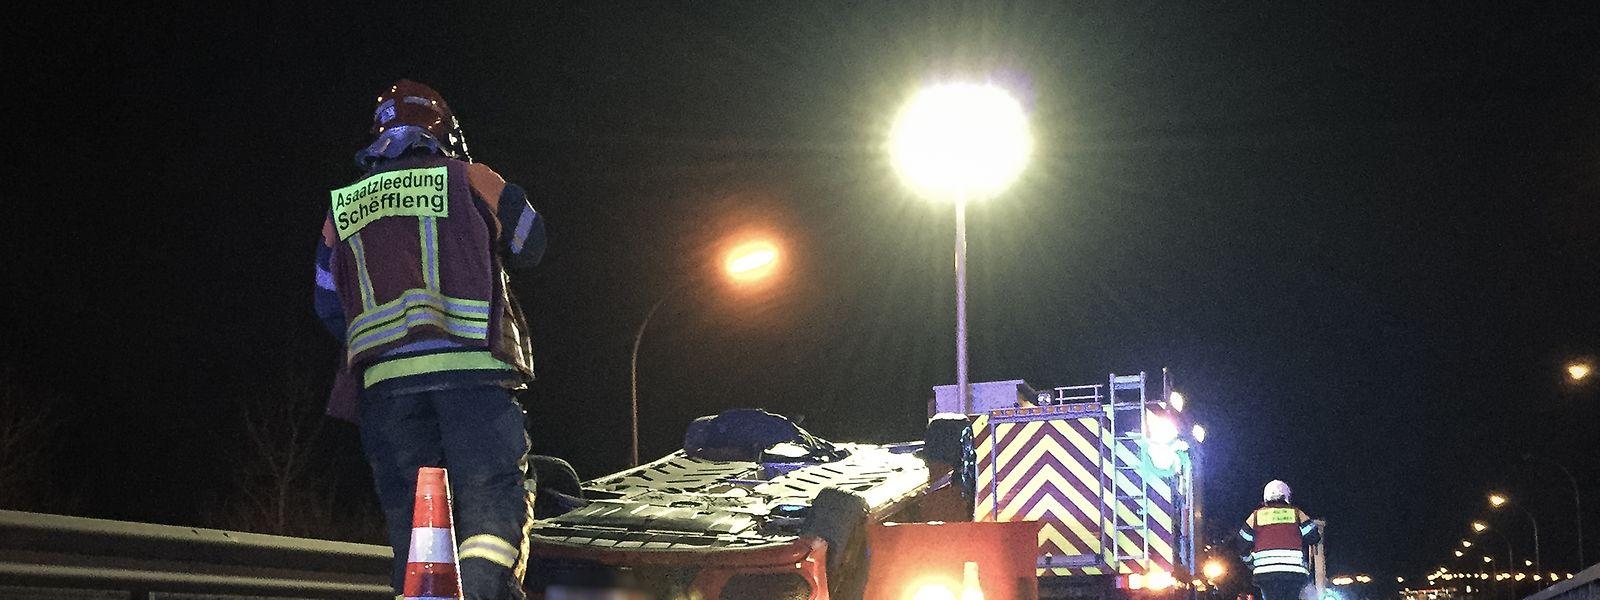 Das Auto war auf dem Dach gelandet.